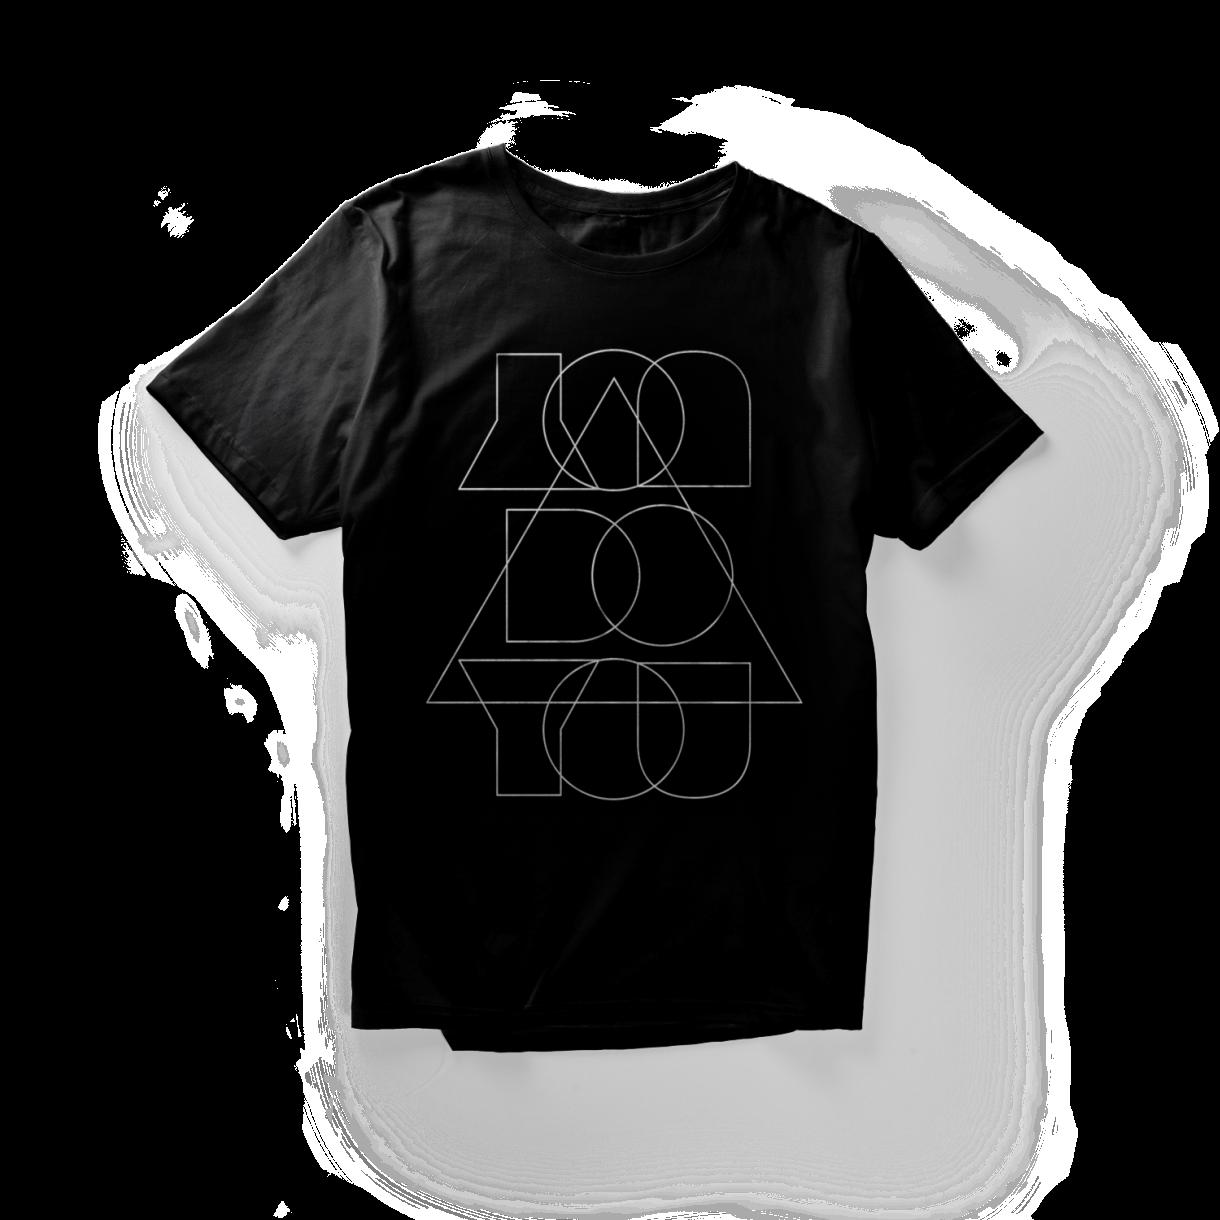 You Do You Shirt - Black with a white design